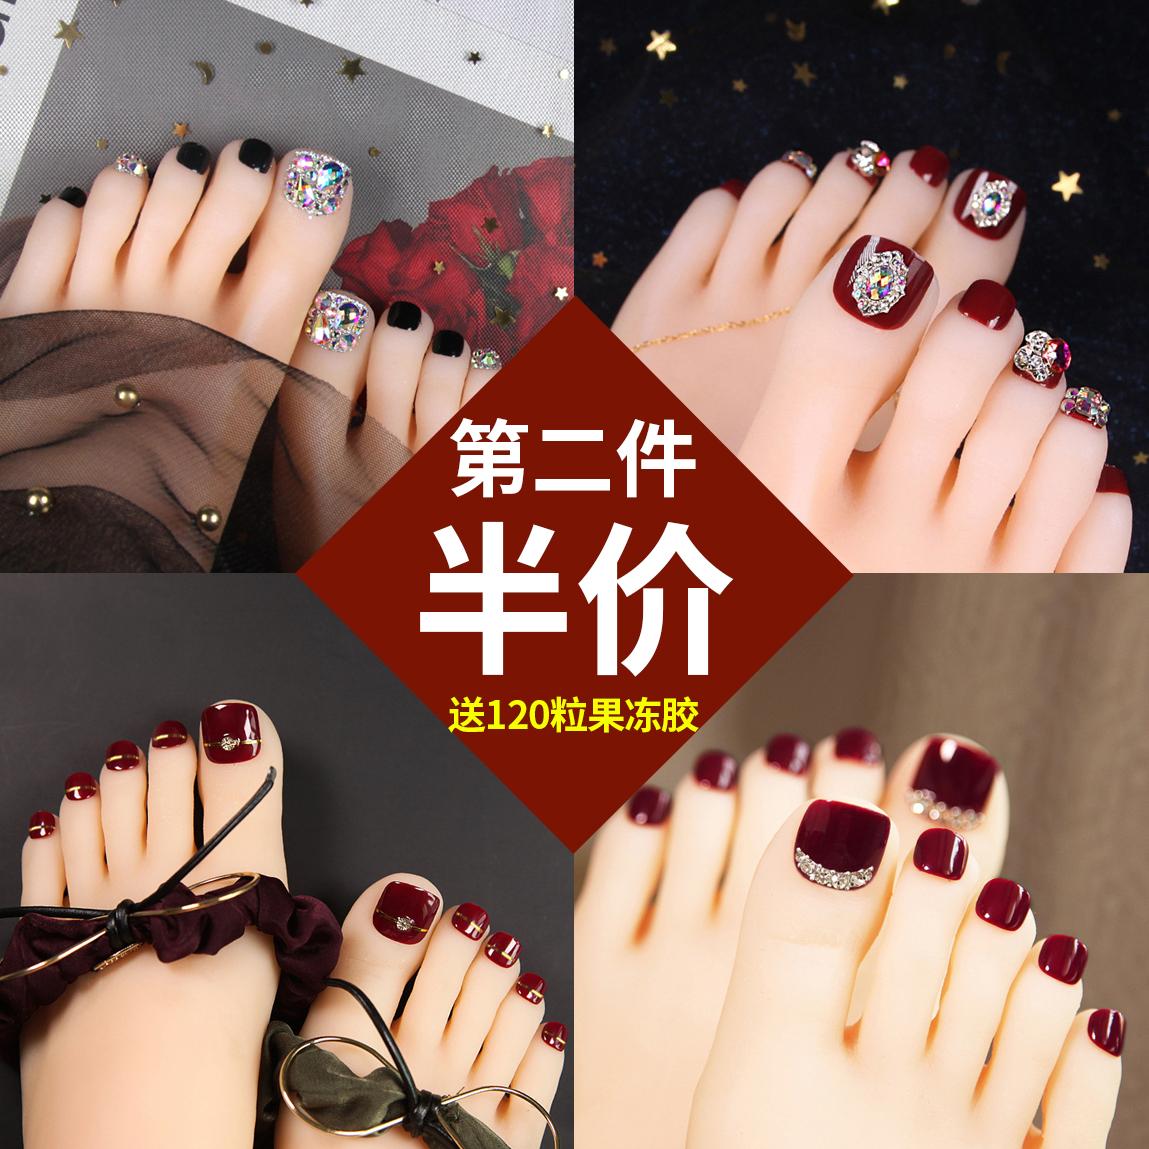 脚指甲贴片美甲脚趾甲成品女穿戴式拆卸可取可带孕妇防水指甲贴片